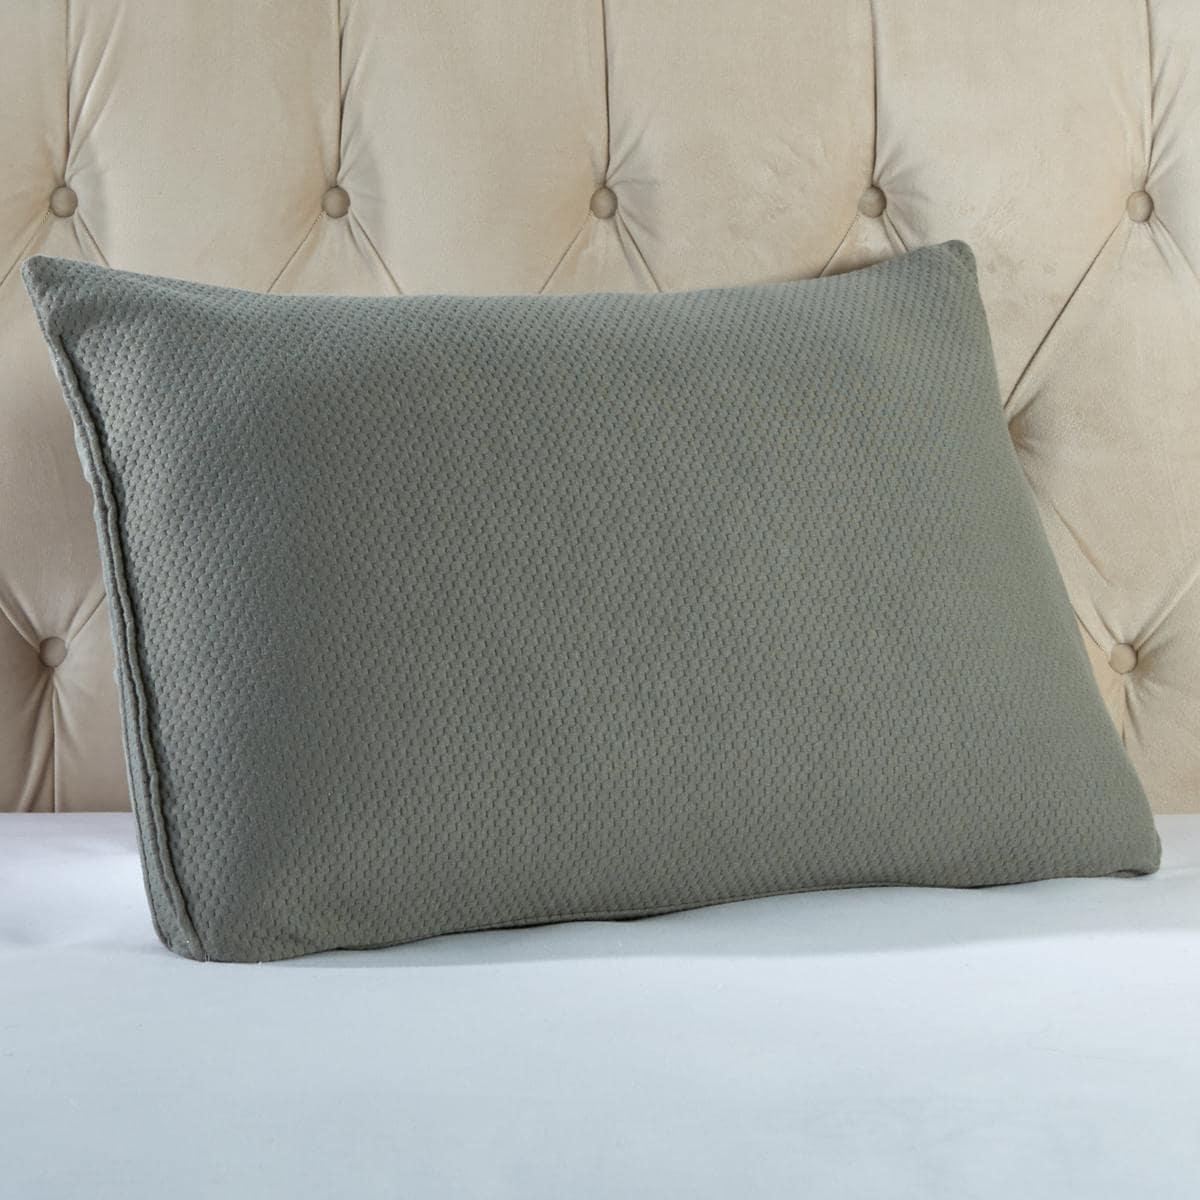 Joy Mangano MemoryCloud Warm & Cool Jumbo Pillow Silver